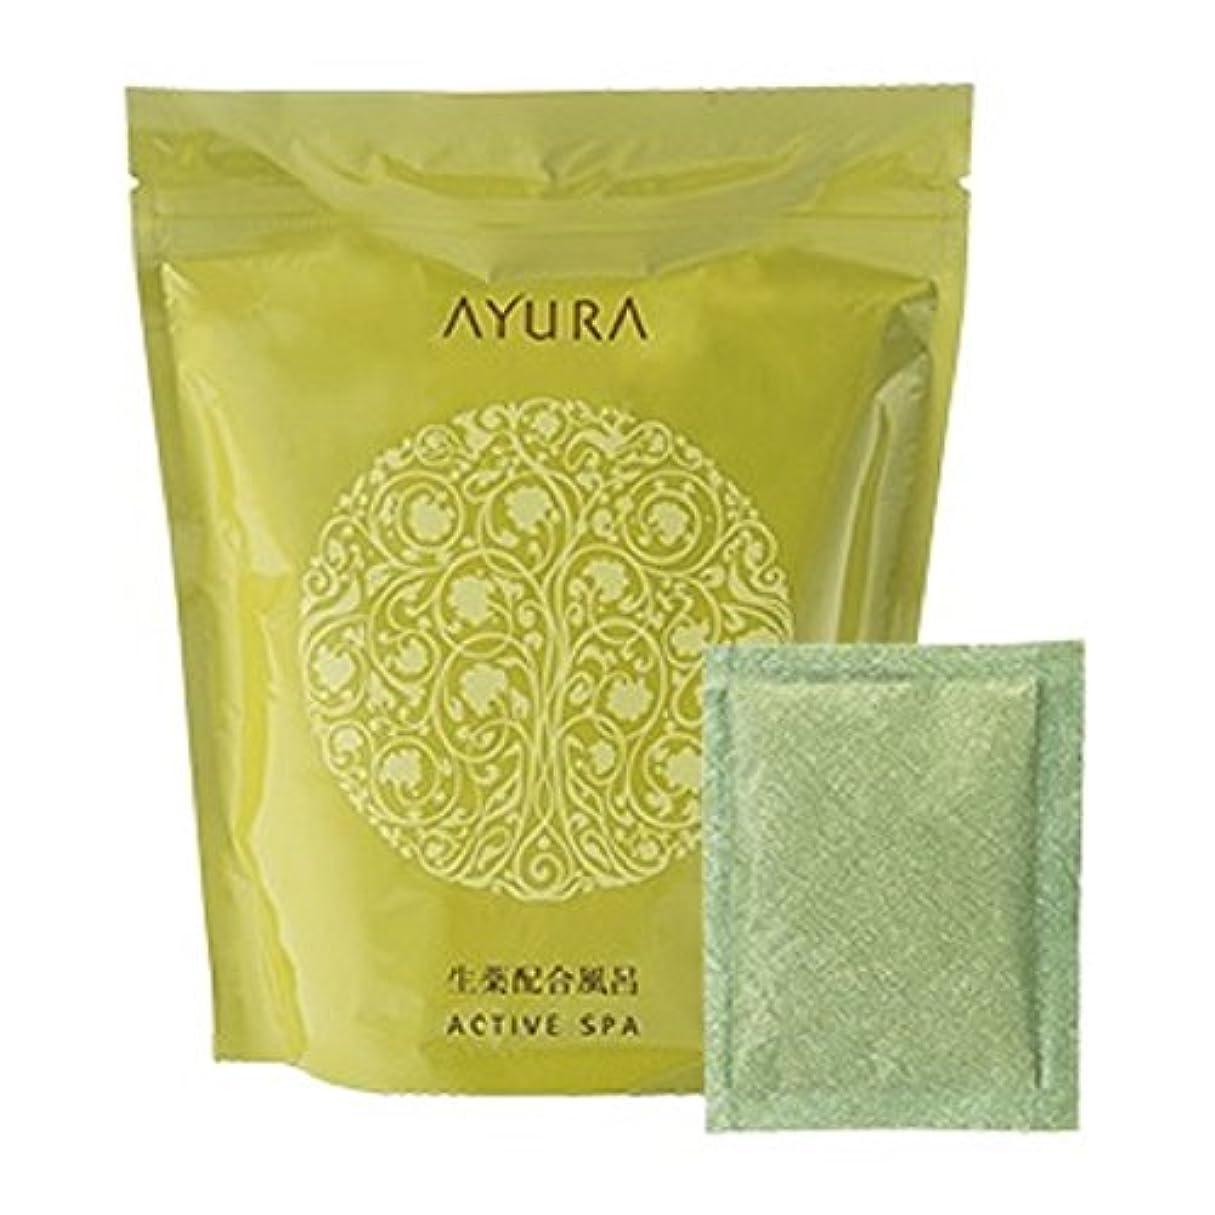 くすぐったいインディカ不定アユーラ (AYURA) アクティブスパα 30g 10包入 (医薬部外品) 〈薬用 入浴剤〉